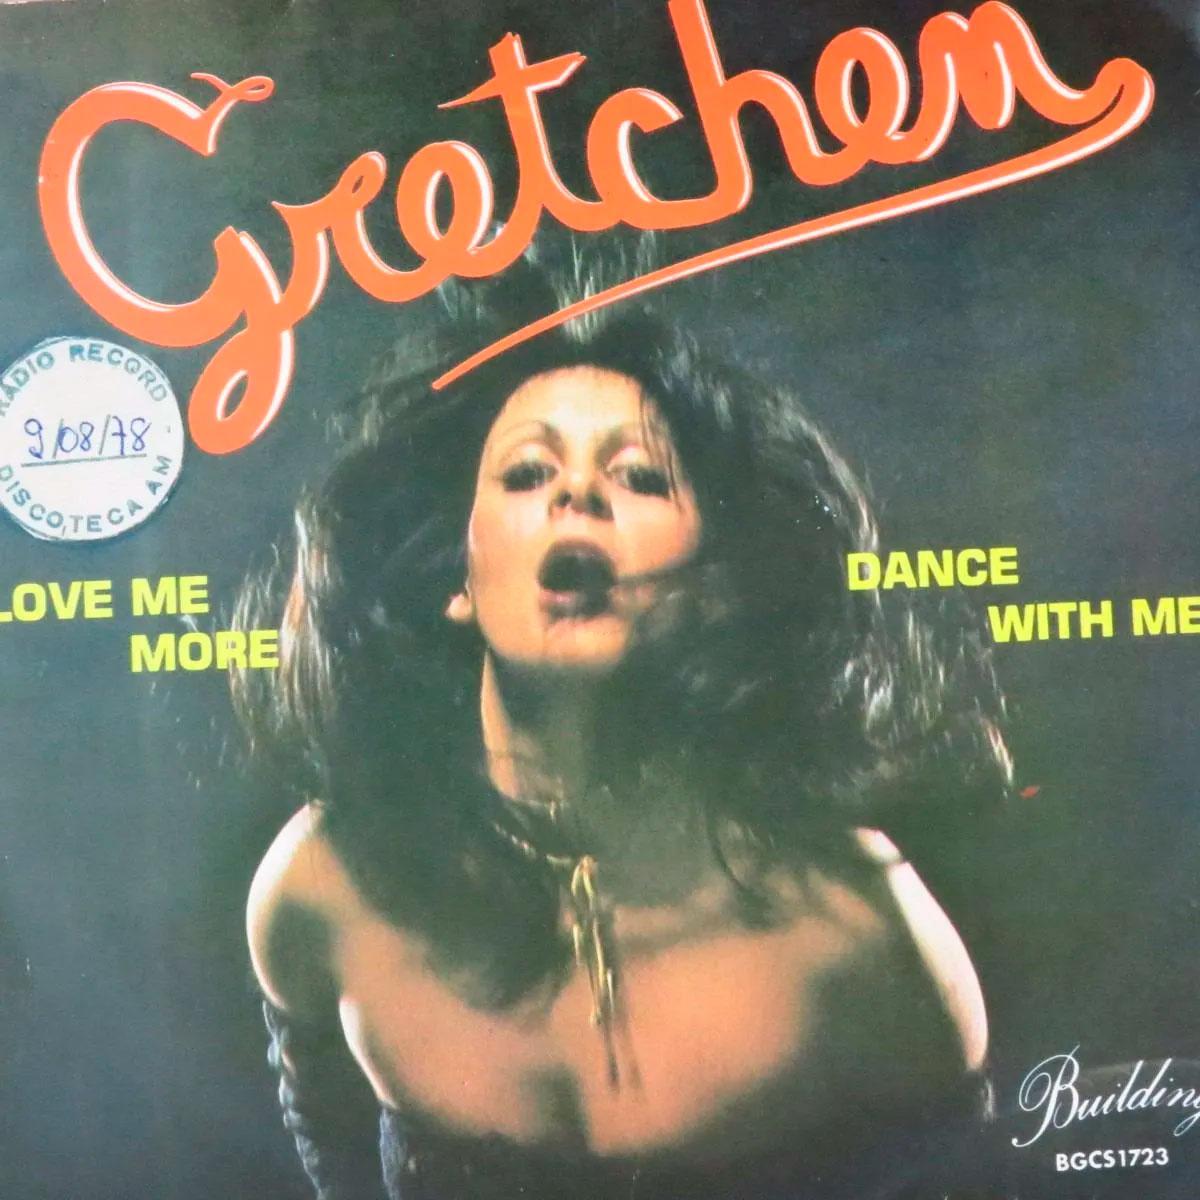 Capa do compacto Dance With Me, da Gretchen